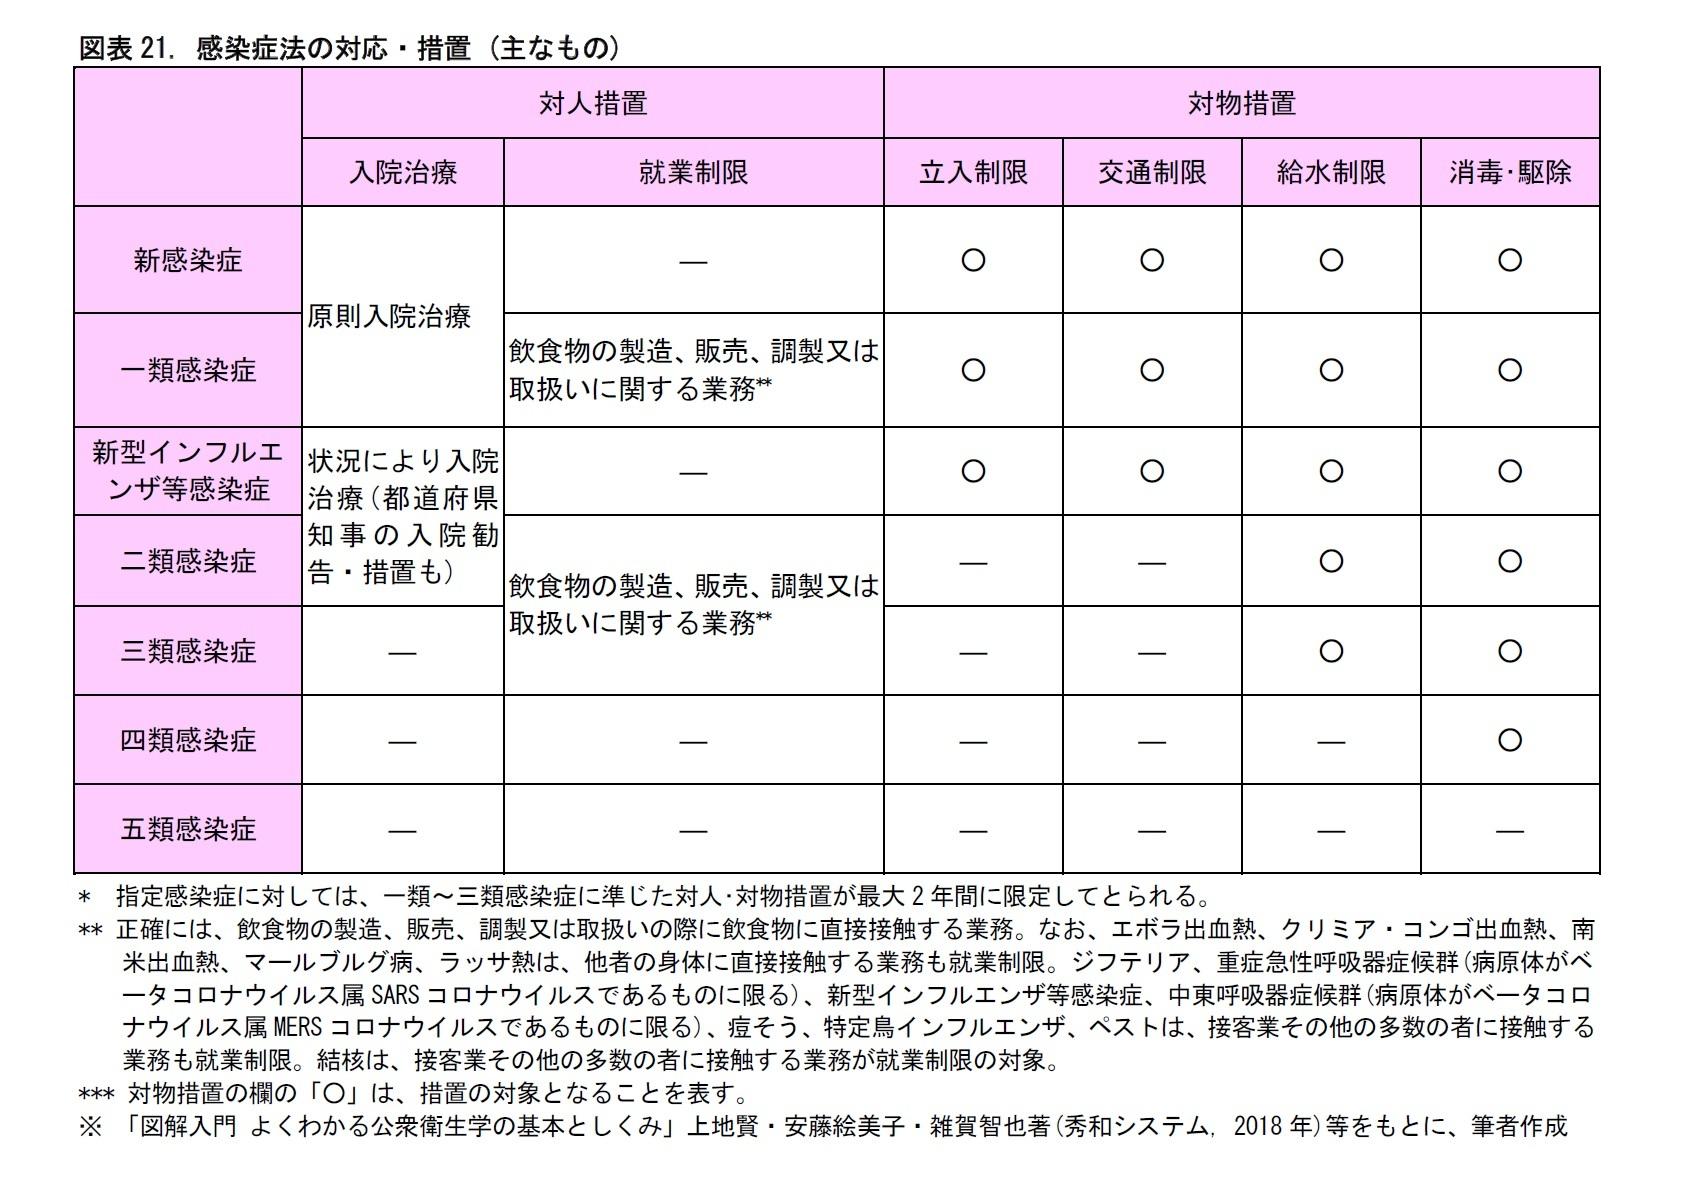 図表21. 感染症法の対応・措置 (主なもの)